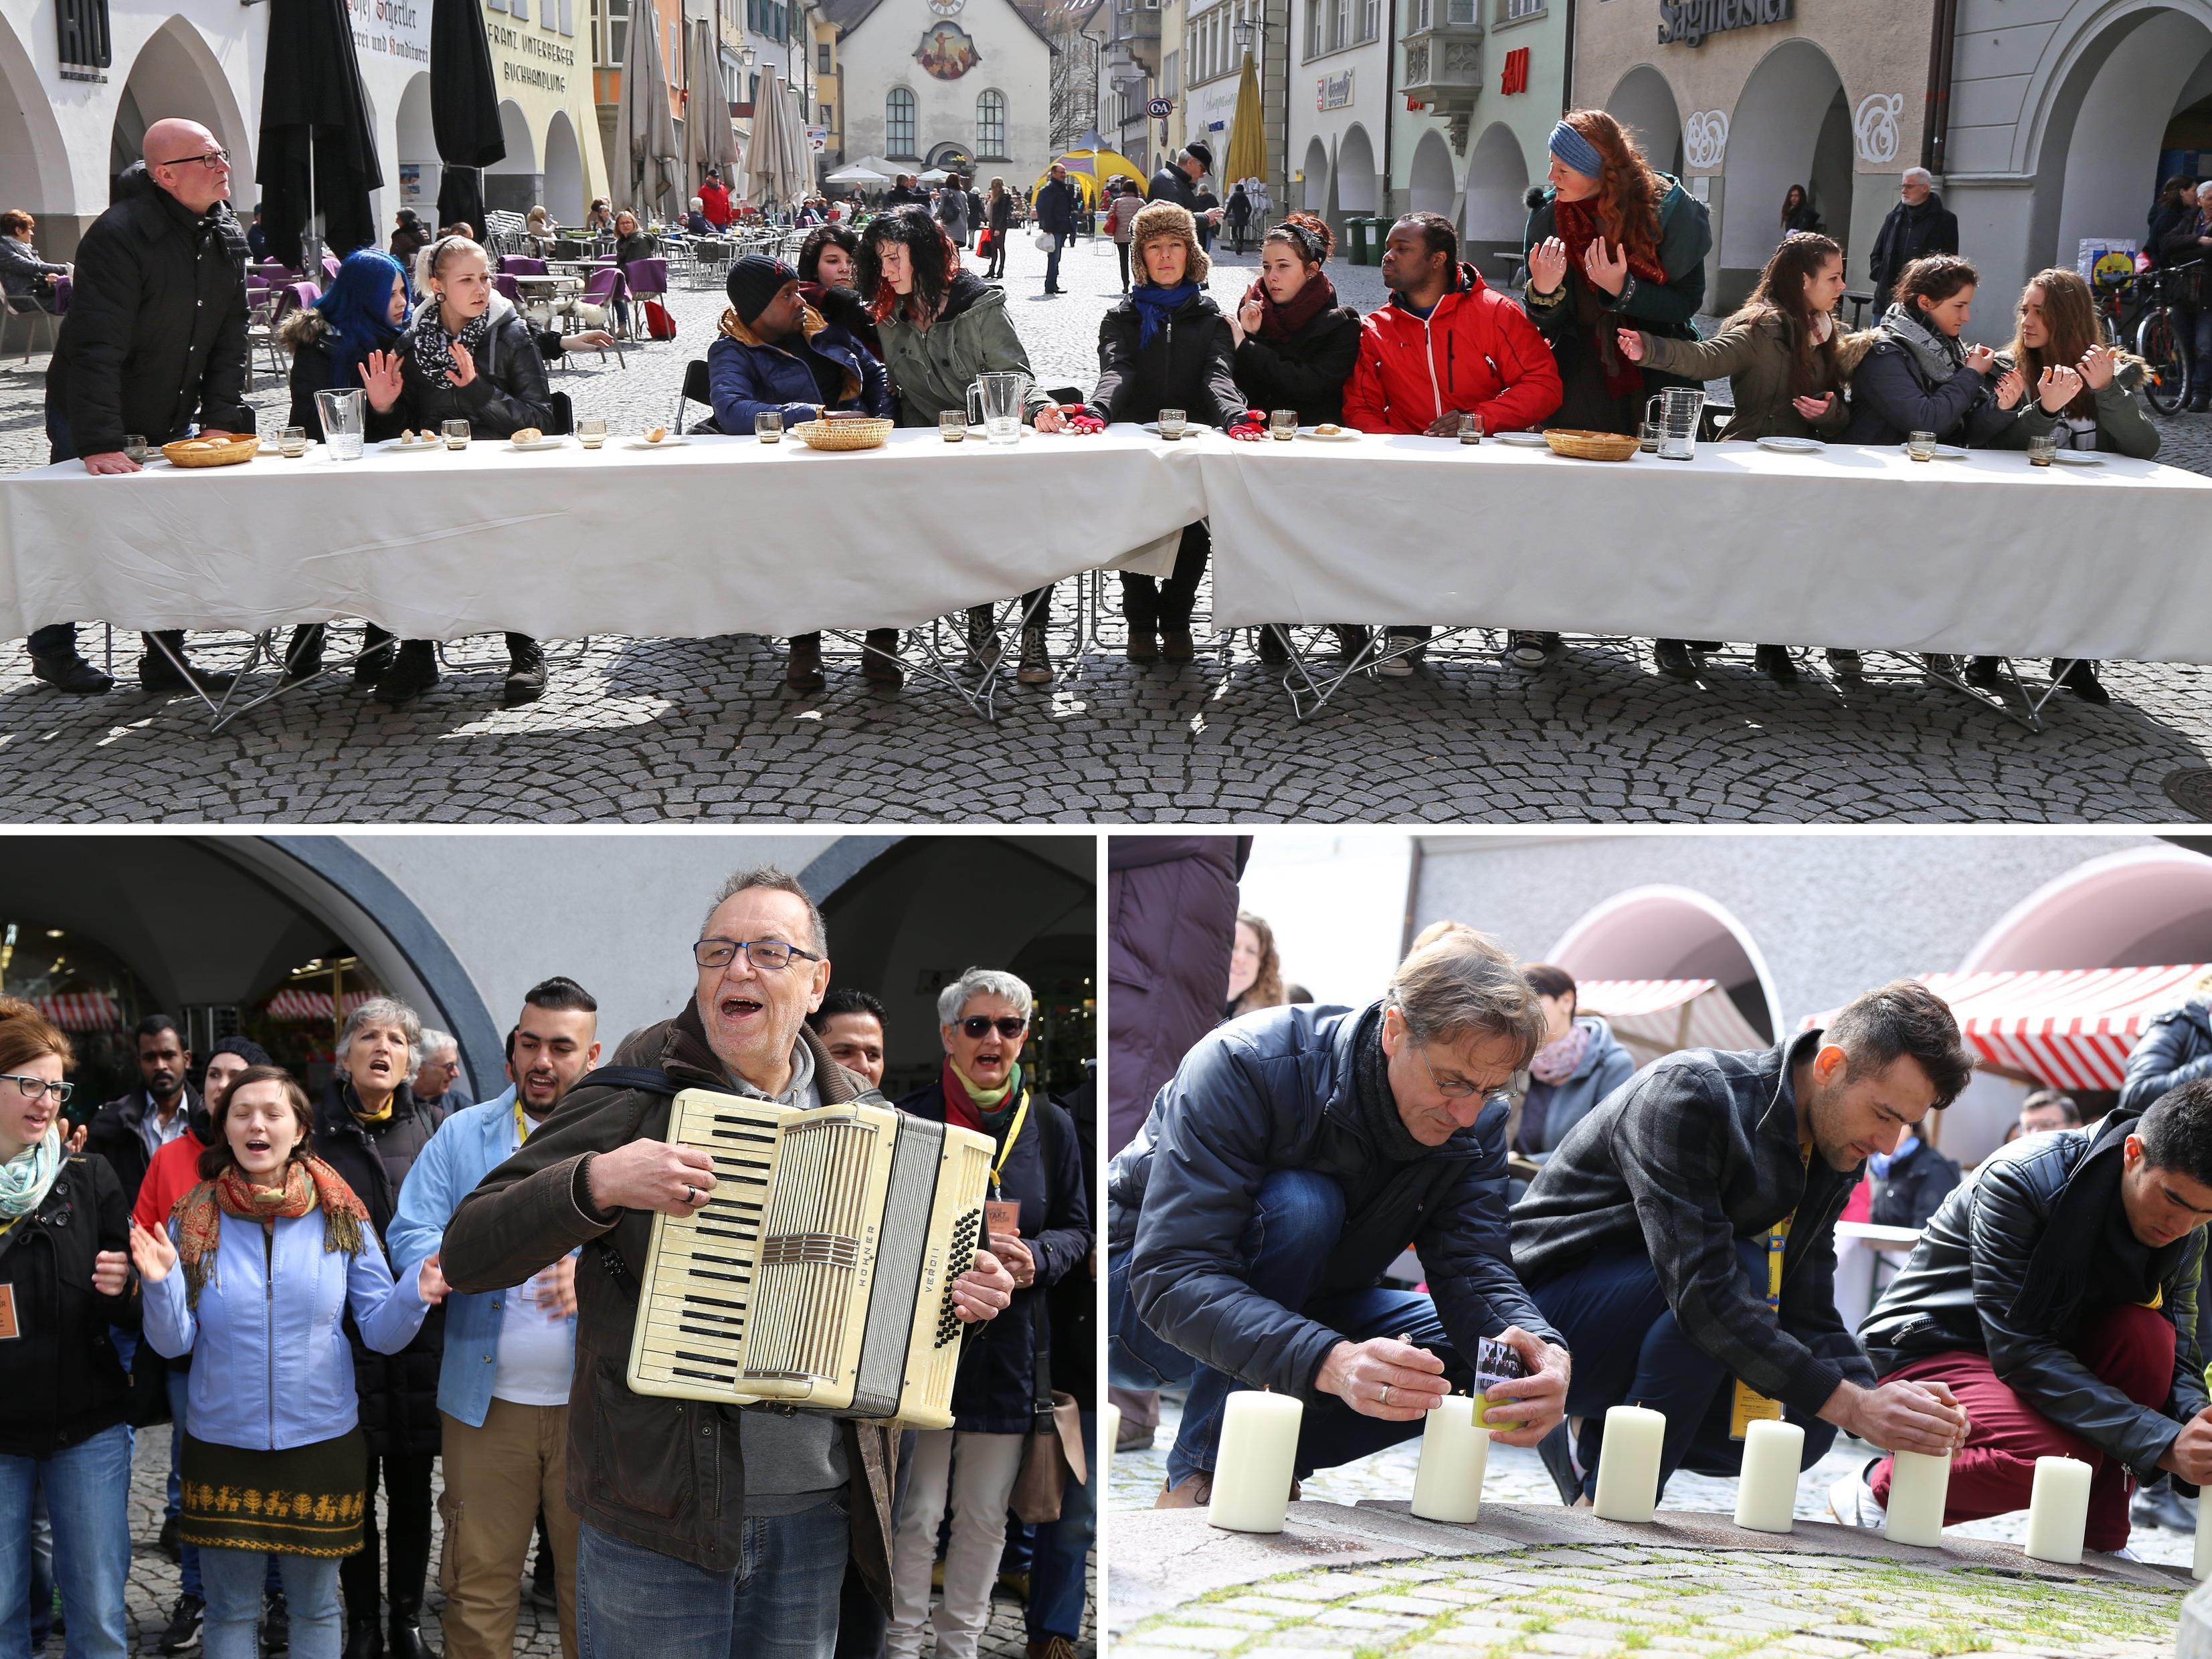 Nach einer Gedenkminute für die Brüssel-Opfer wurde das letzte Abendma(hl) in der Marktgasse inszeniert.